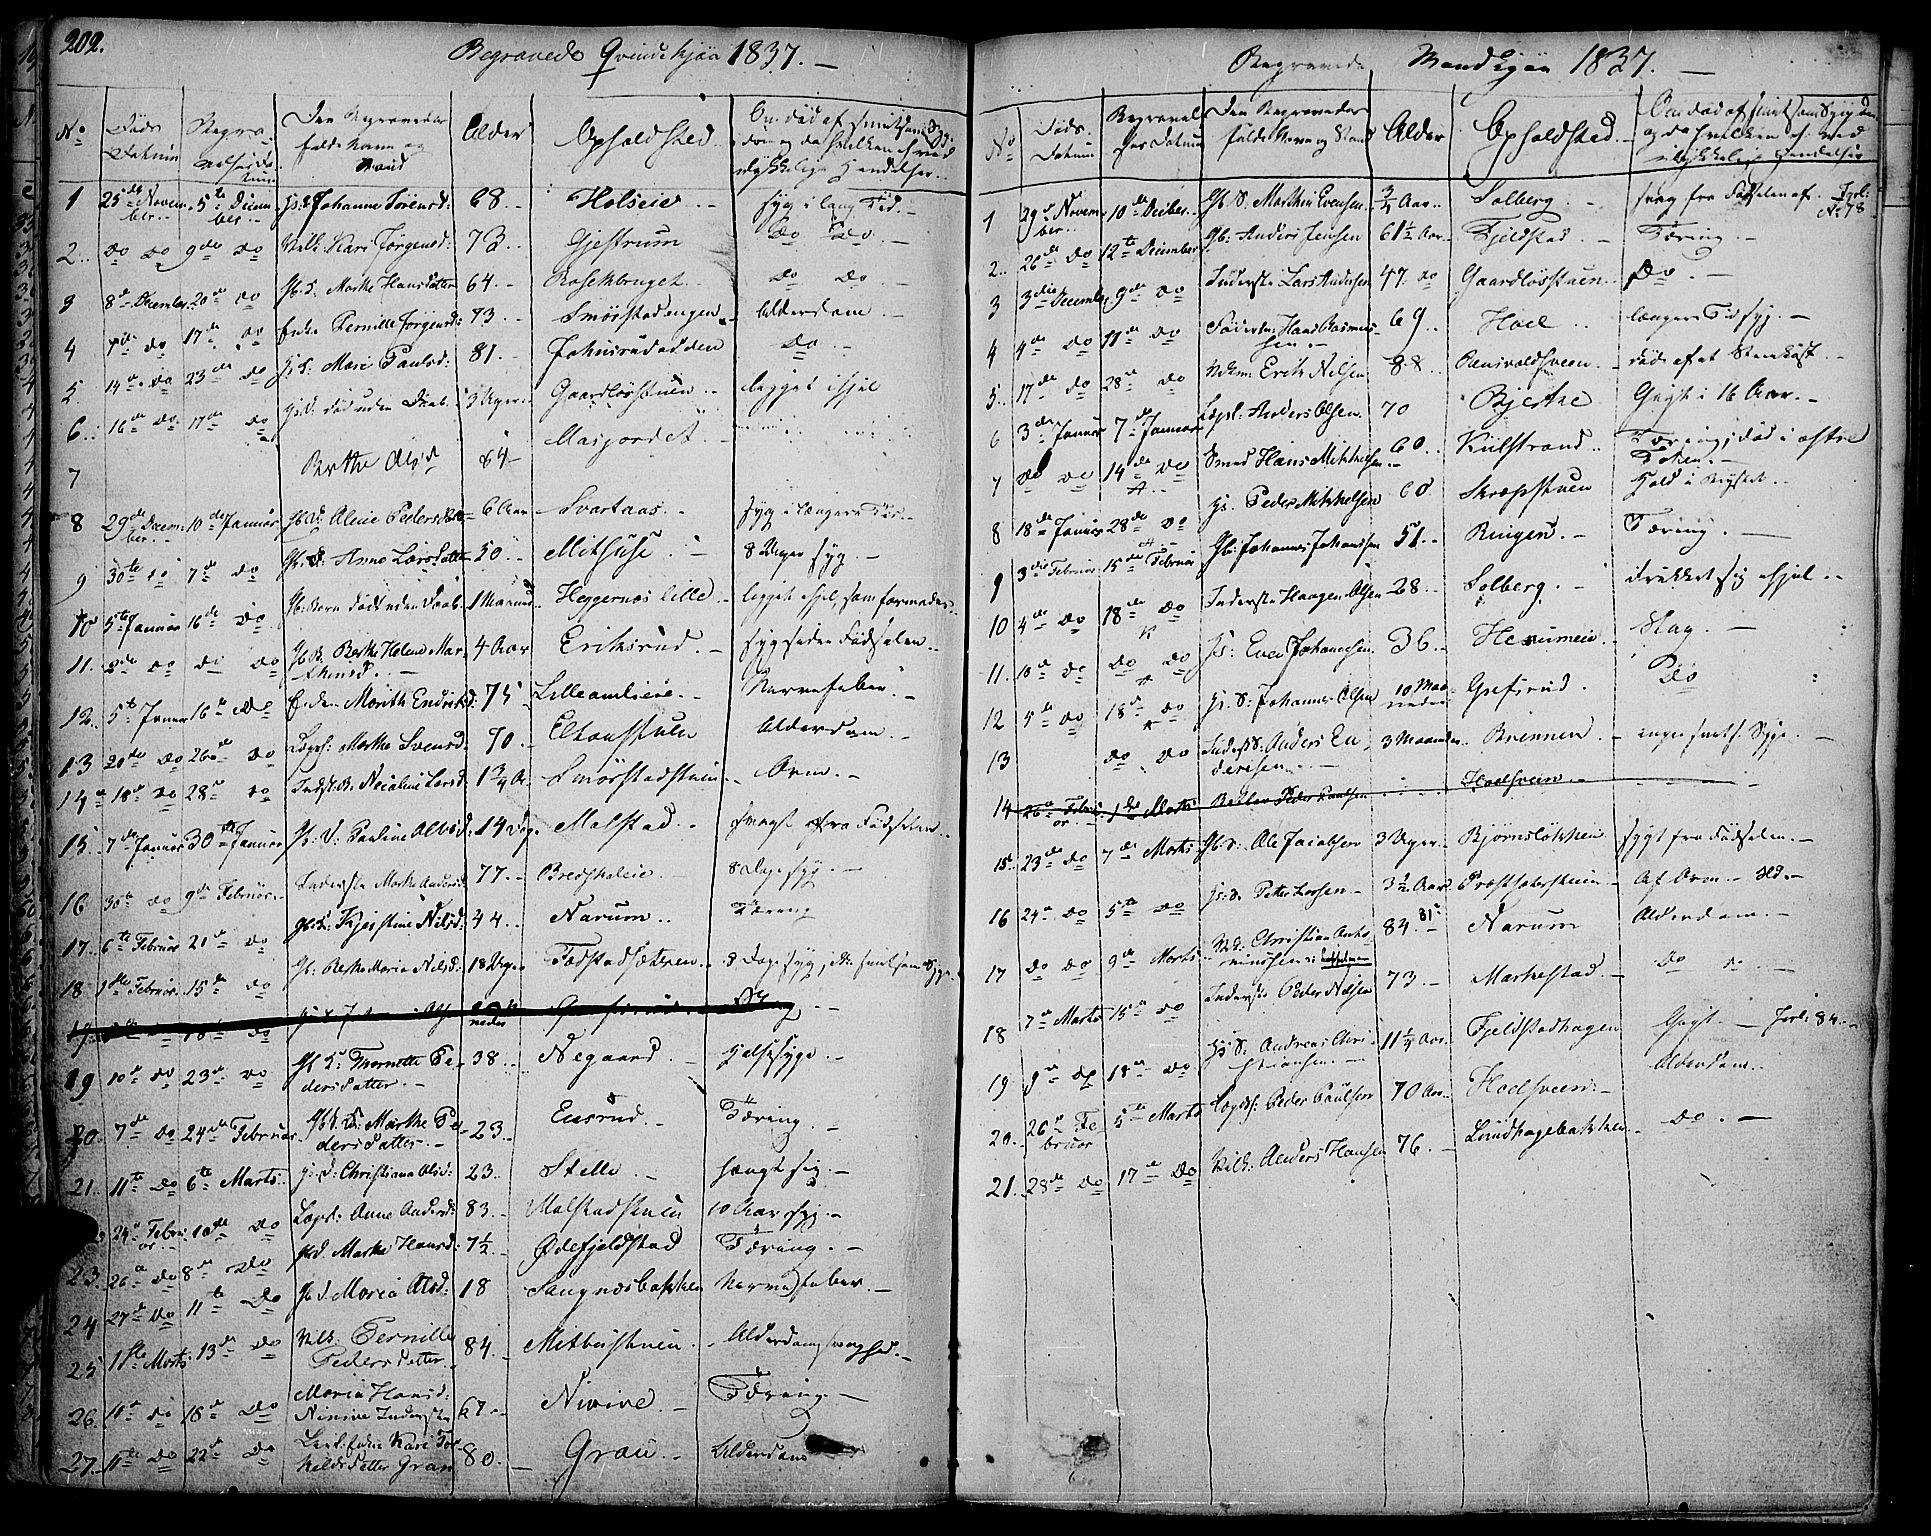 SAH, Vestre Toten prestekontor, Ministerialbok nr. 2, 1825-1837, s. 202